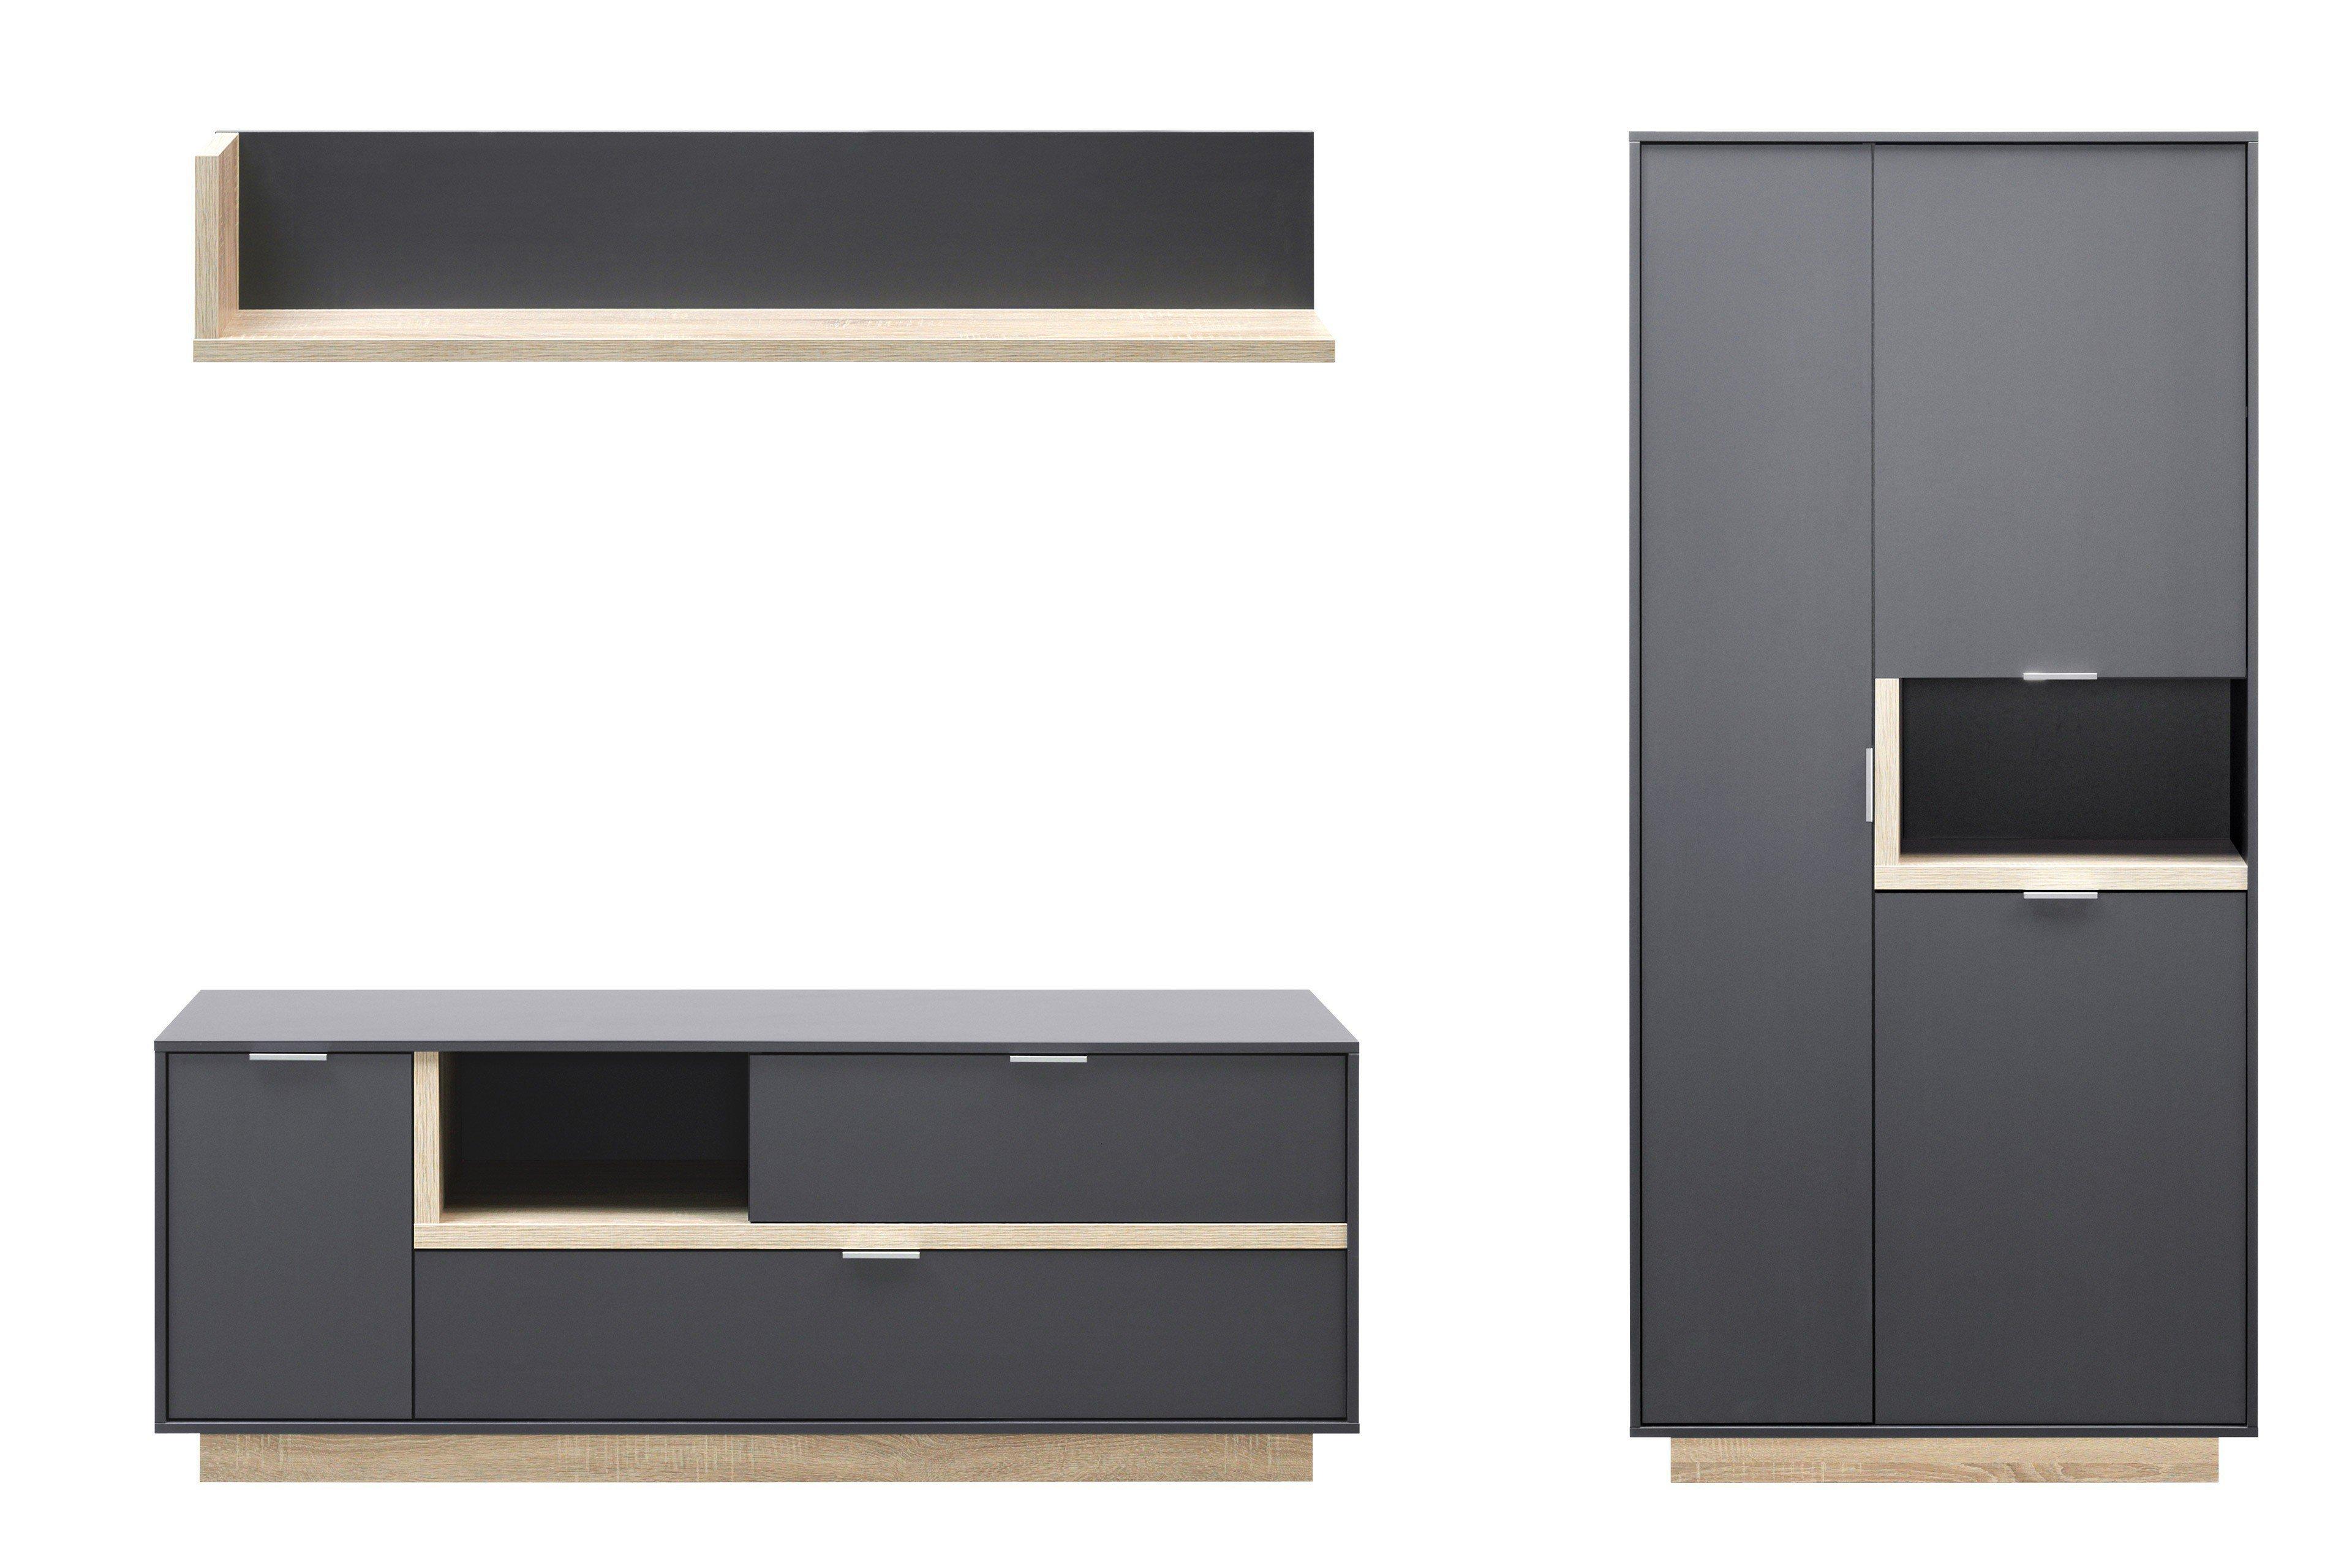 cs schmalm bel wohnwand my ell dreiteilig m bel letz ihr online shop. Black Bedroom Furniture Sets. Home Design Ideas